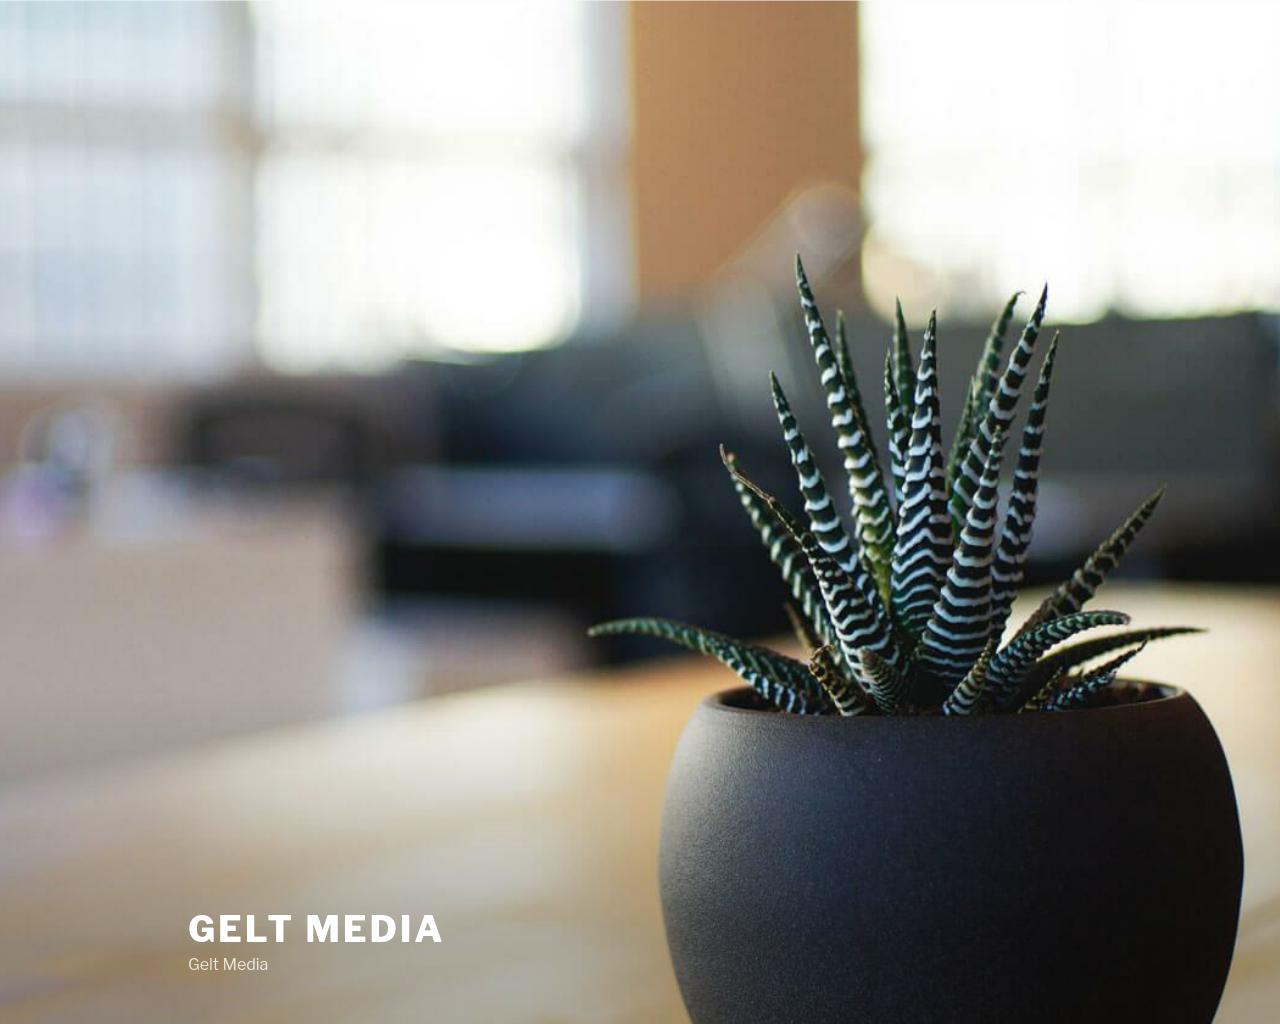 GeltMedia-Advertising-Reviews-Pricing